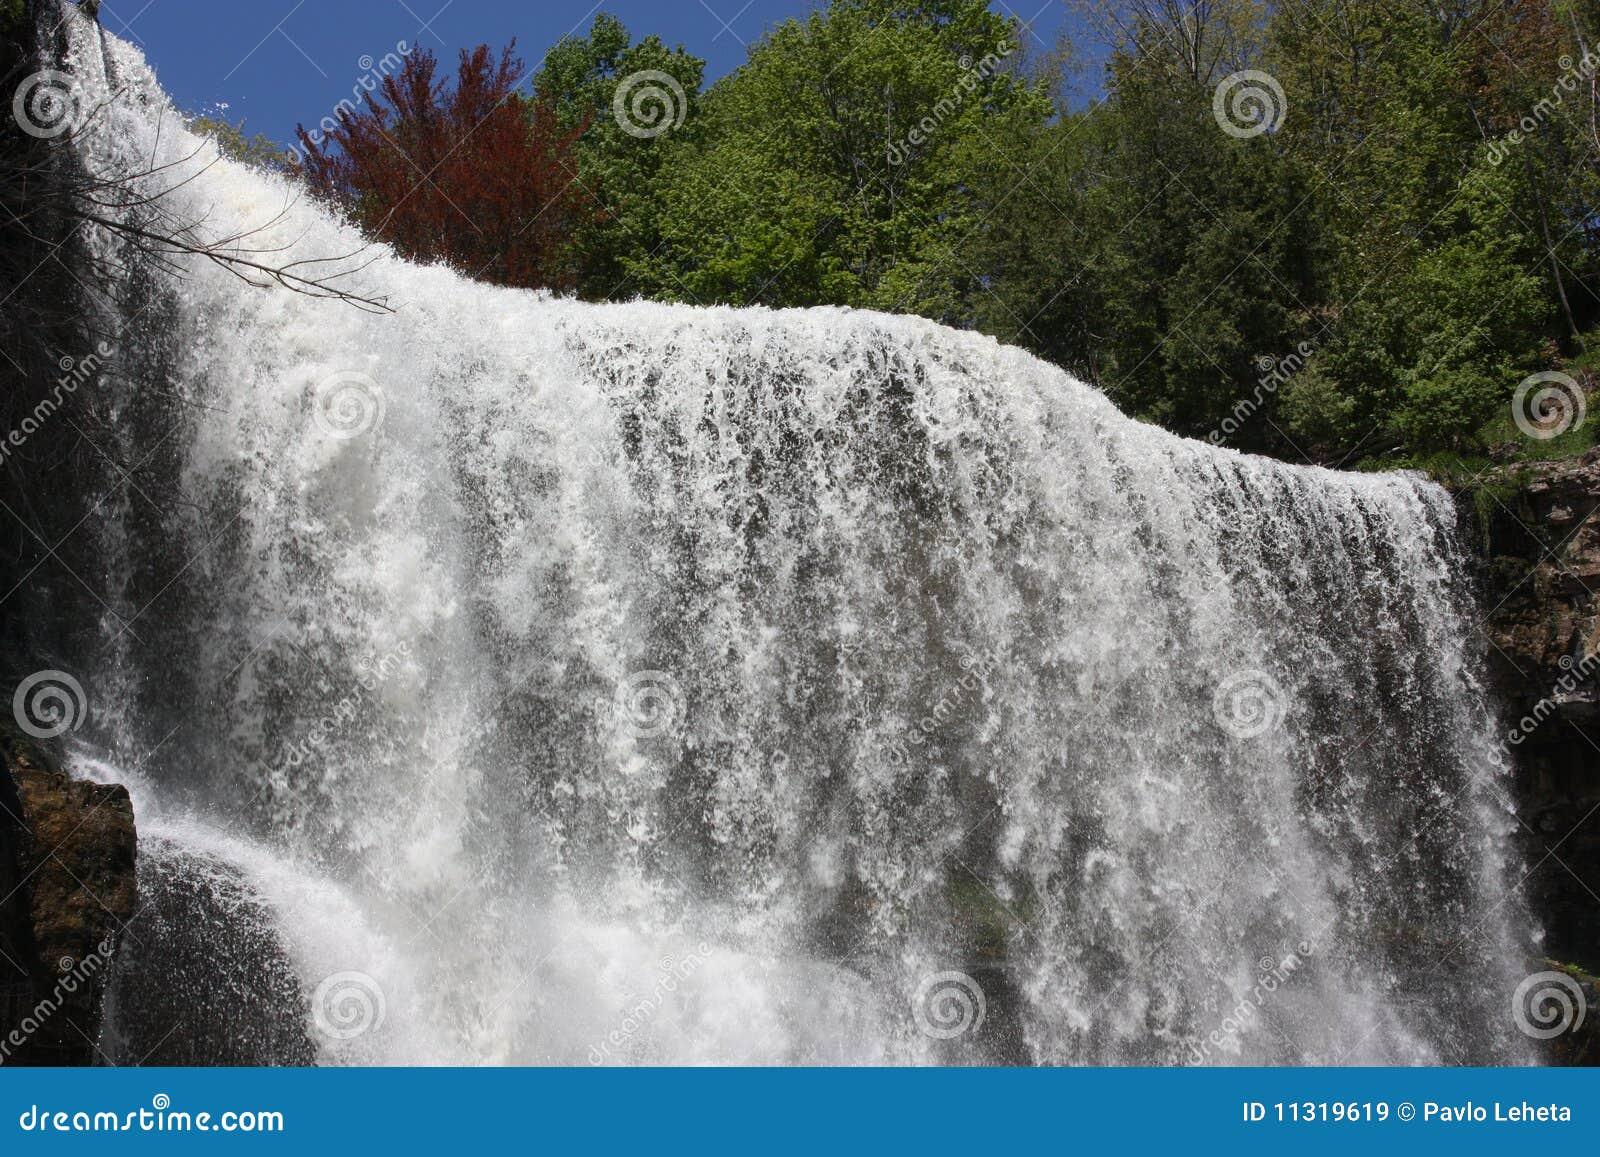 Websters Wasserfall